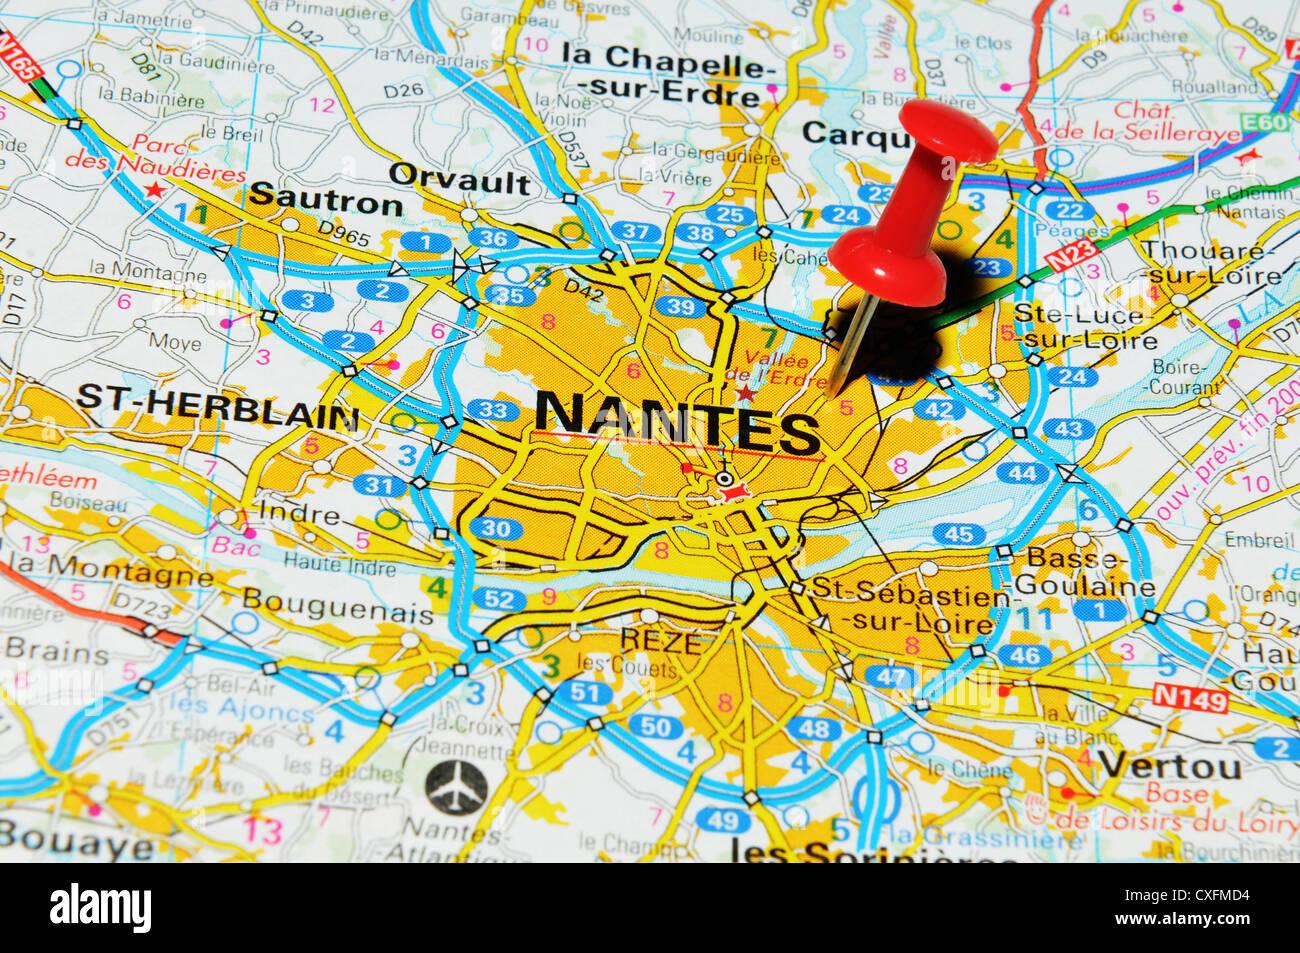 Nantes Karte.Nantes Frankreich Auf Karte Stockfoto Bild 50747120 Alamy